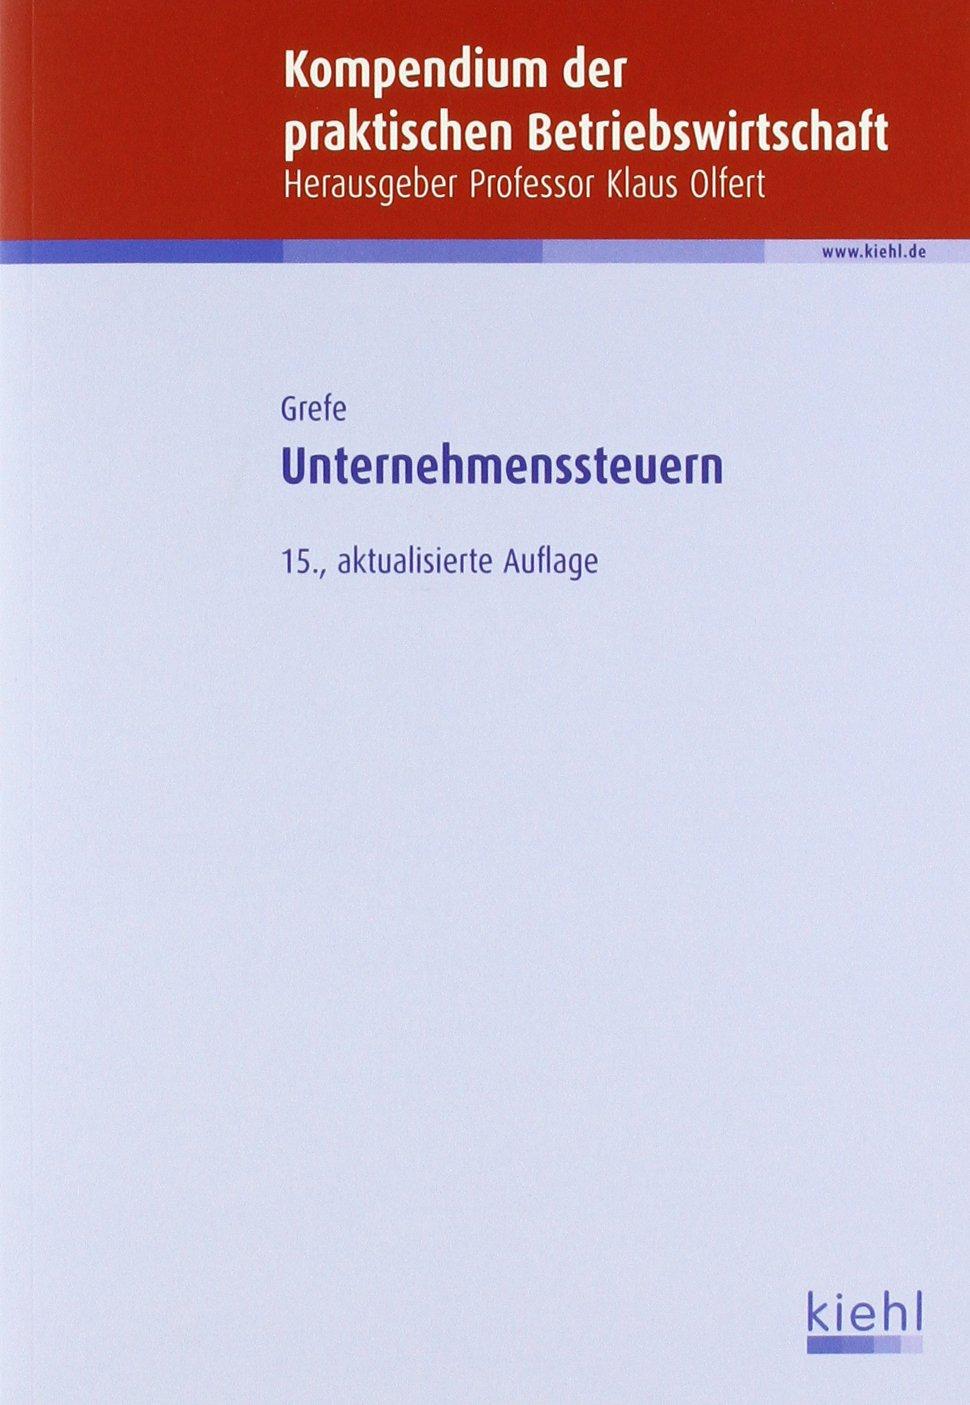 Unternehmenssteuern (Kompendium der praktischen Betriebswirtschaft) Broschiert – 13. April 2012 Cord Grefe Kiehl 3470585458 22532283